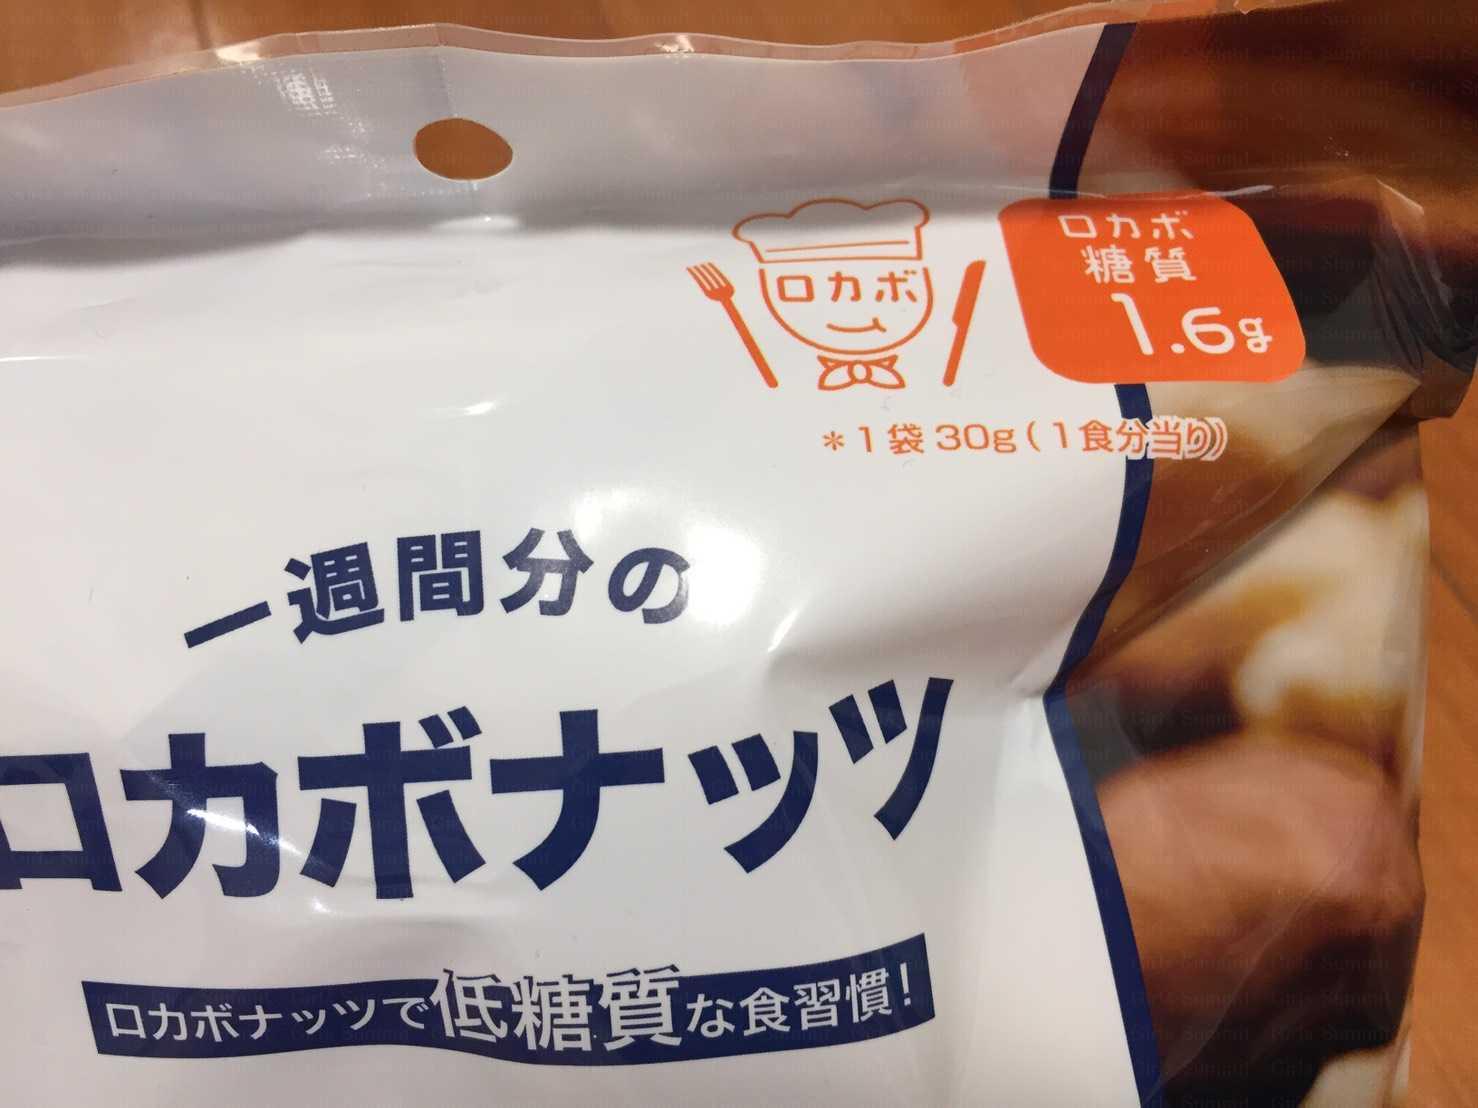 ロカボナッツ|低糖質|ダイエット